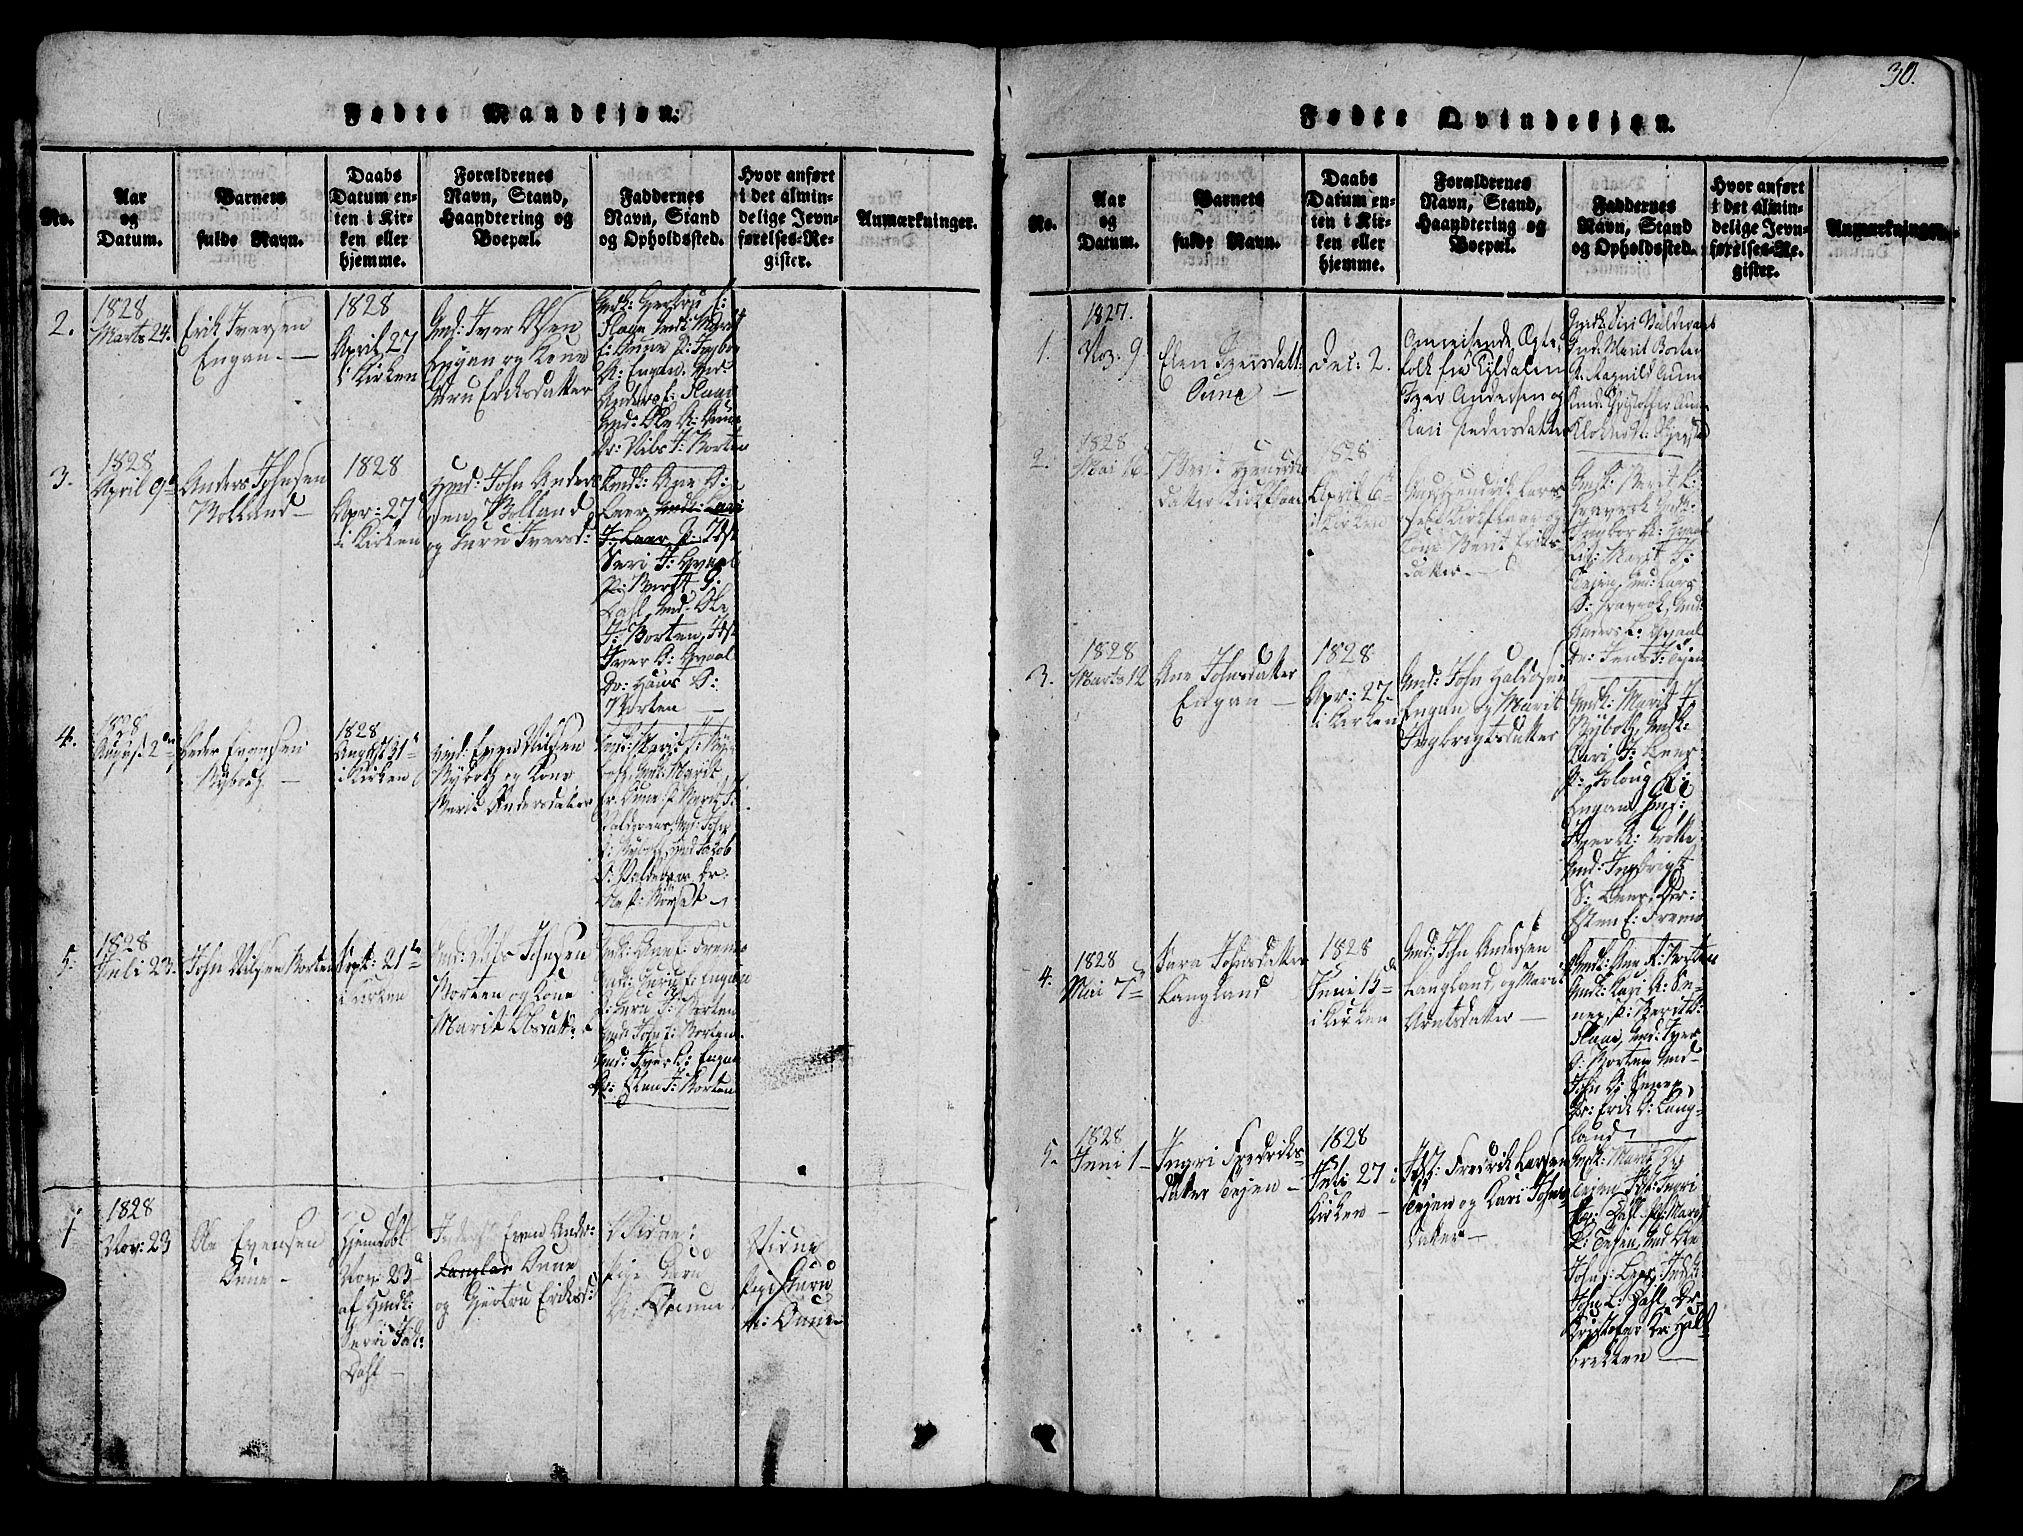 SAT, Ministerialprotokoller, klokkerbøker og fødselsregistre - Sør-Trøndelag, 693/L1121: Klokkerbok nr. 693C02, 1816-1869, s. 30